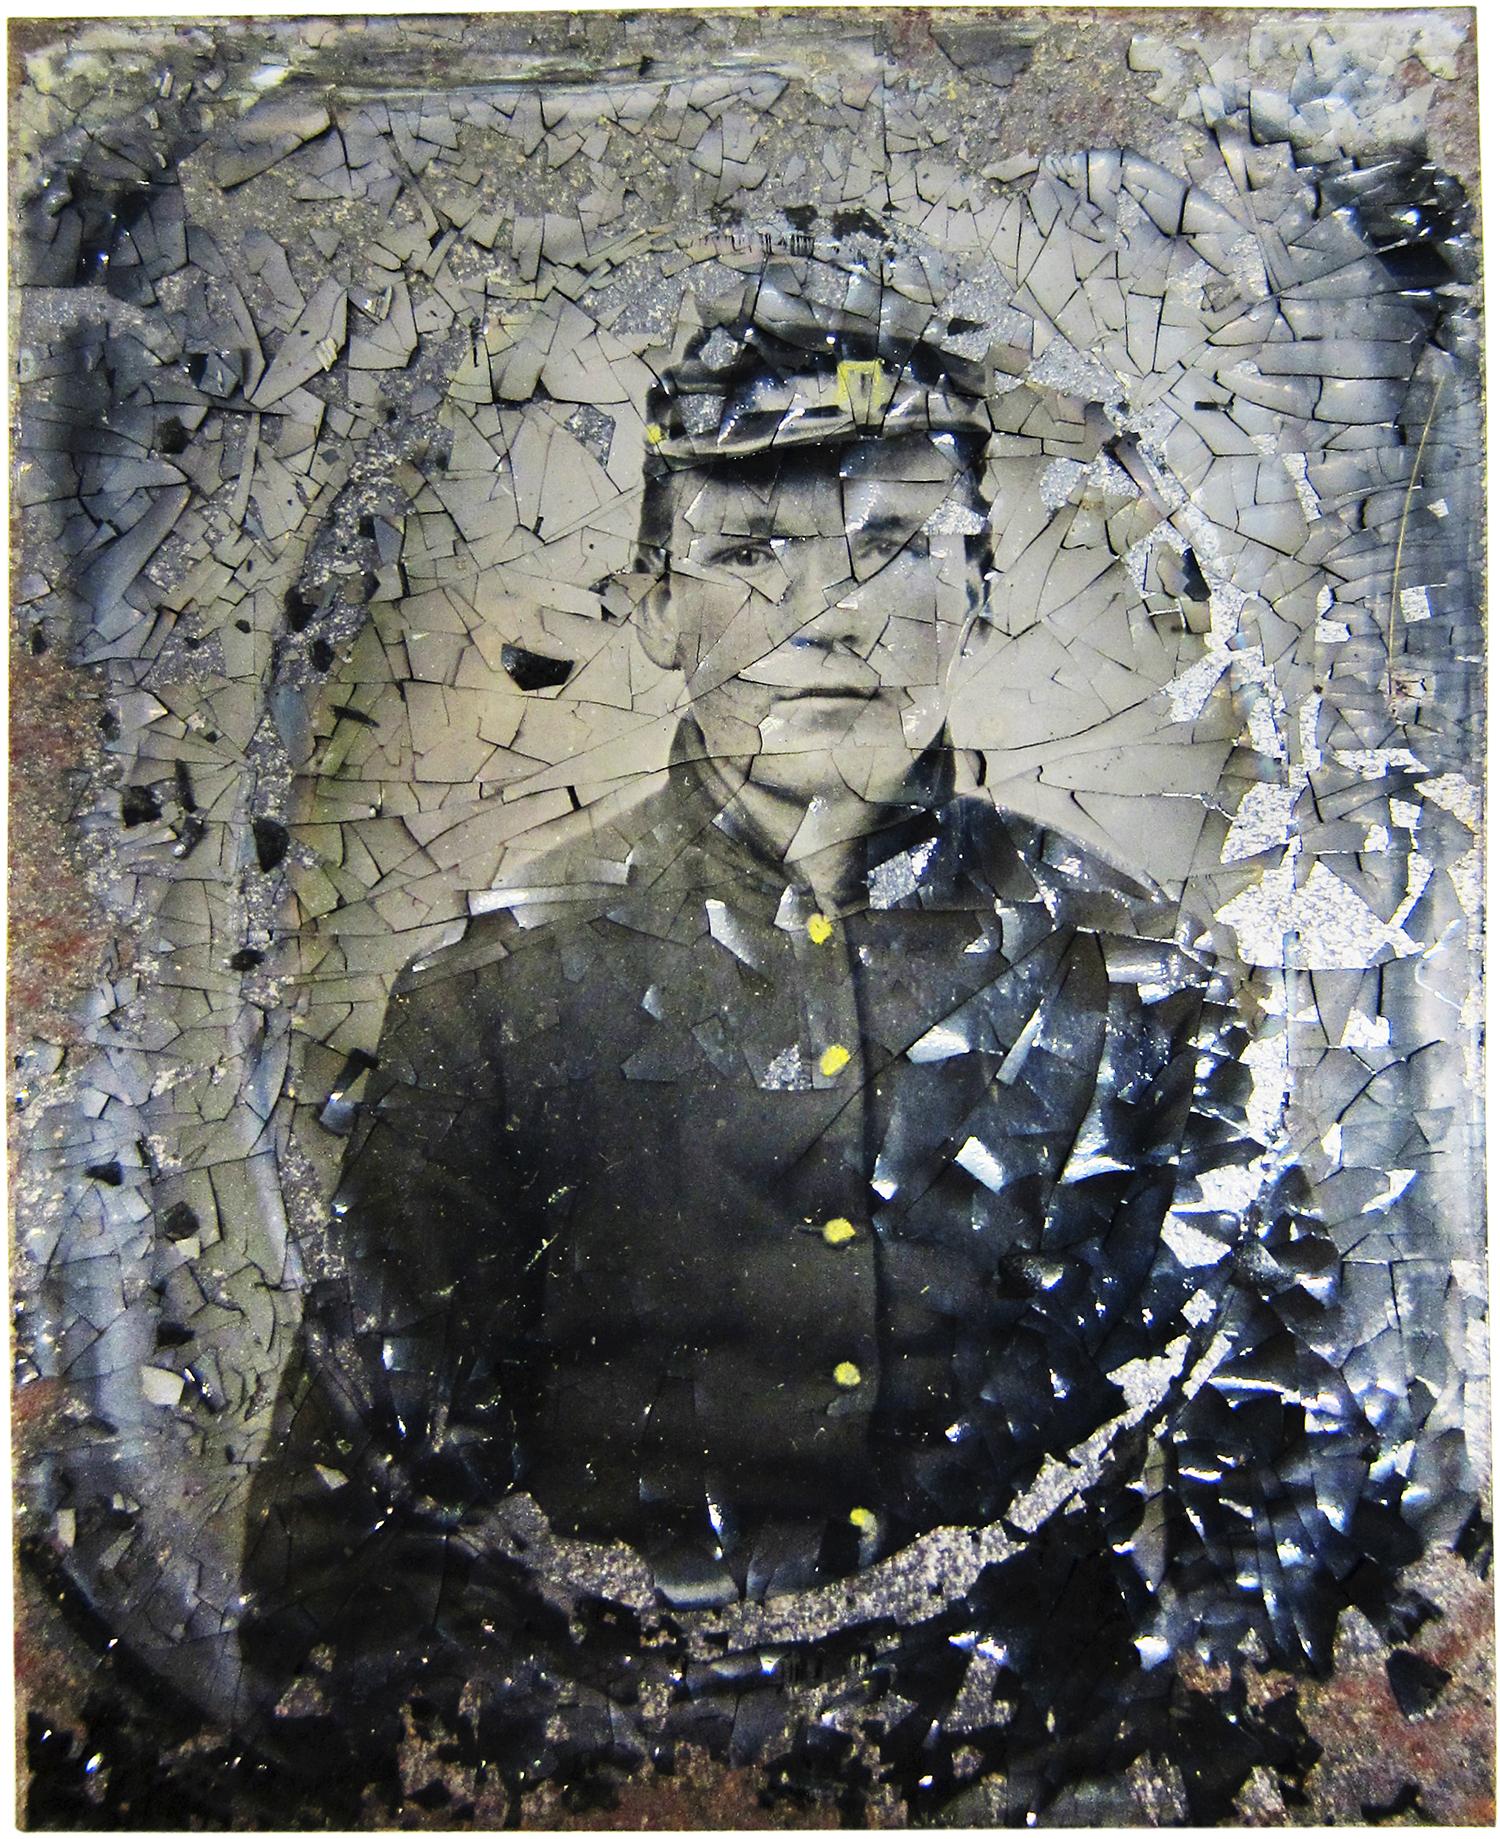 Portrait of a Soldier, 2013 - LR12237